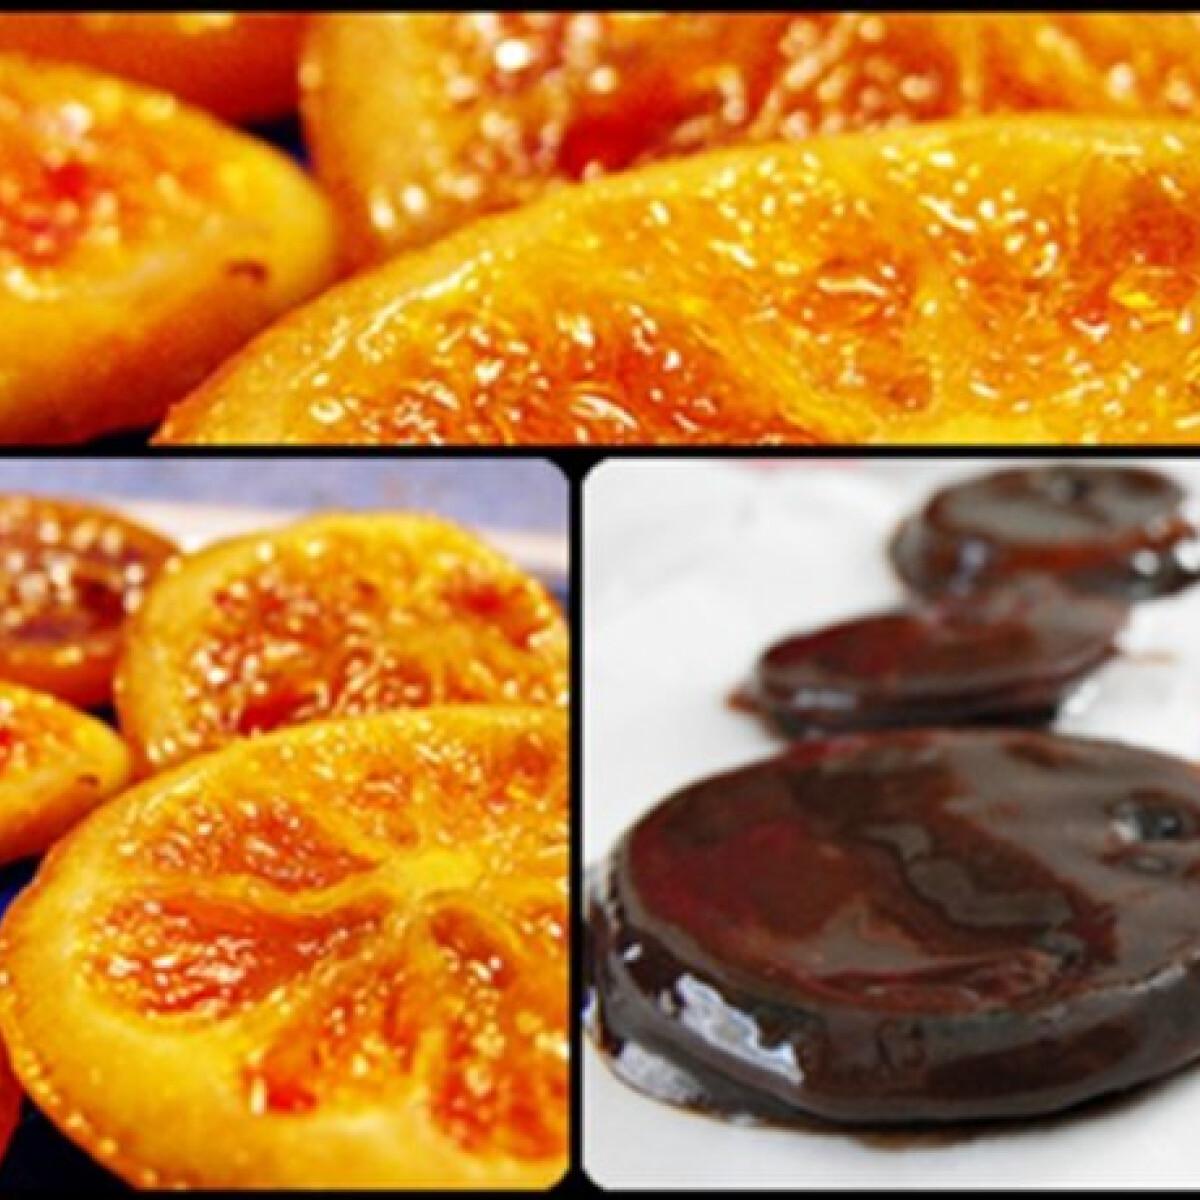 Csokis kandírozott narancs